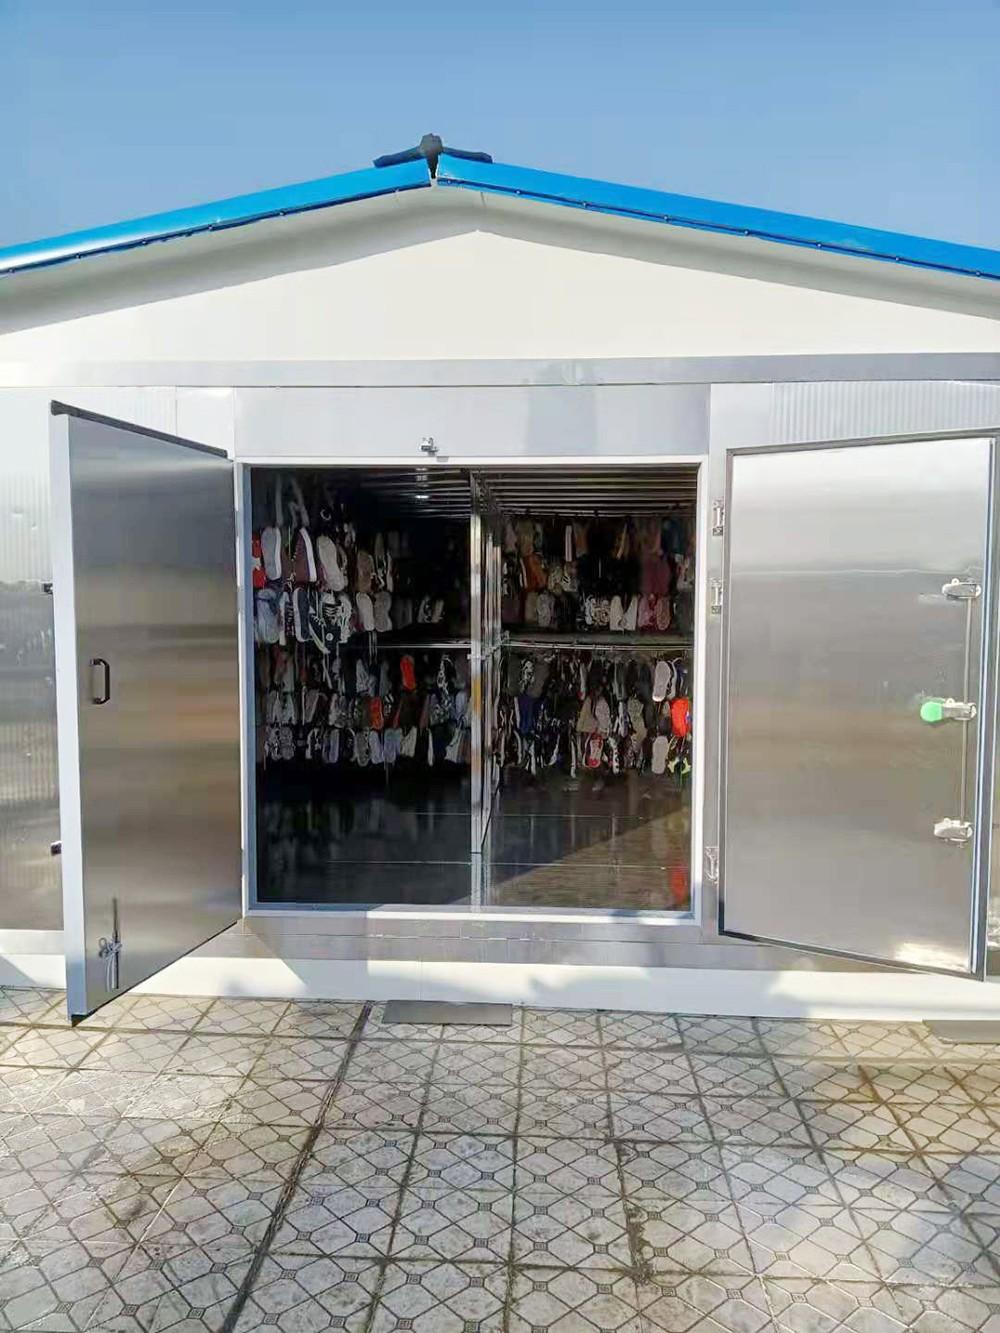 河南省周口市X博小学衣物鞋子空气能热泵烘房